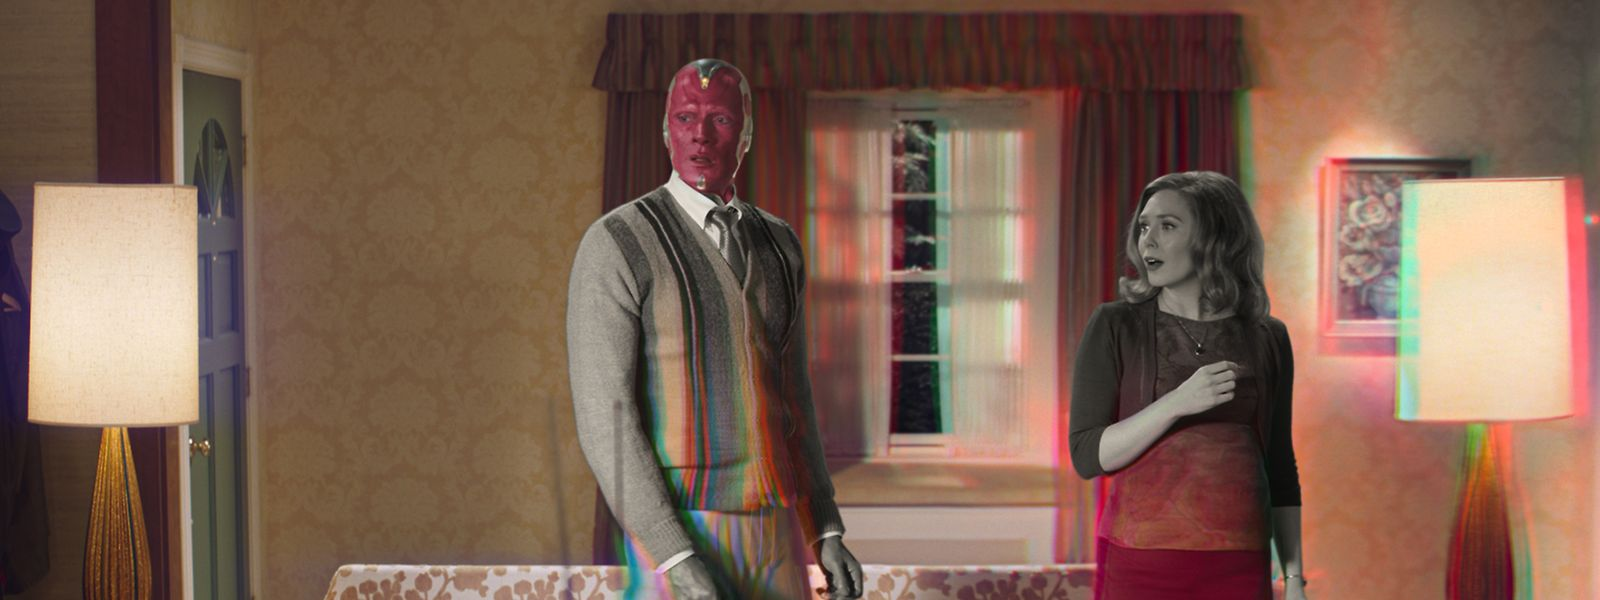 """Paul Bettany als """"Vision"""" und Elizabeth Olsen """"Wanda Maximoff"""" sind die neu fokussierten Helden im Marvel Universum."""